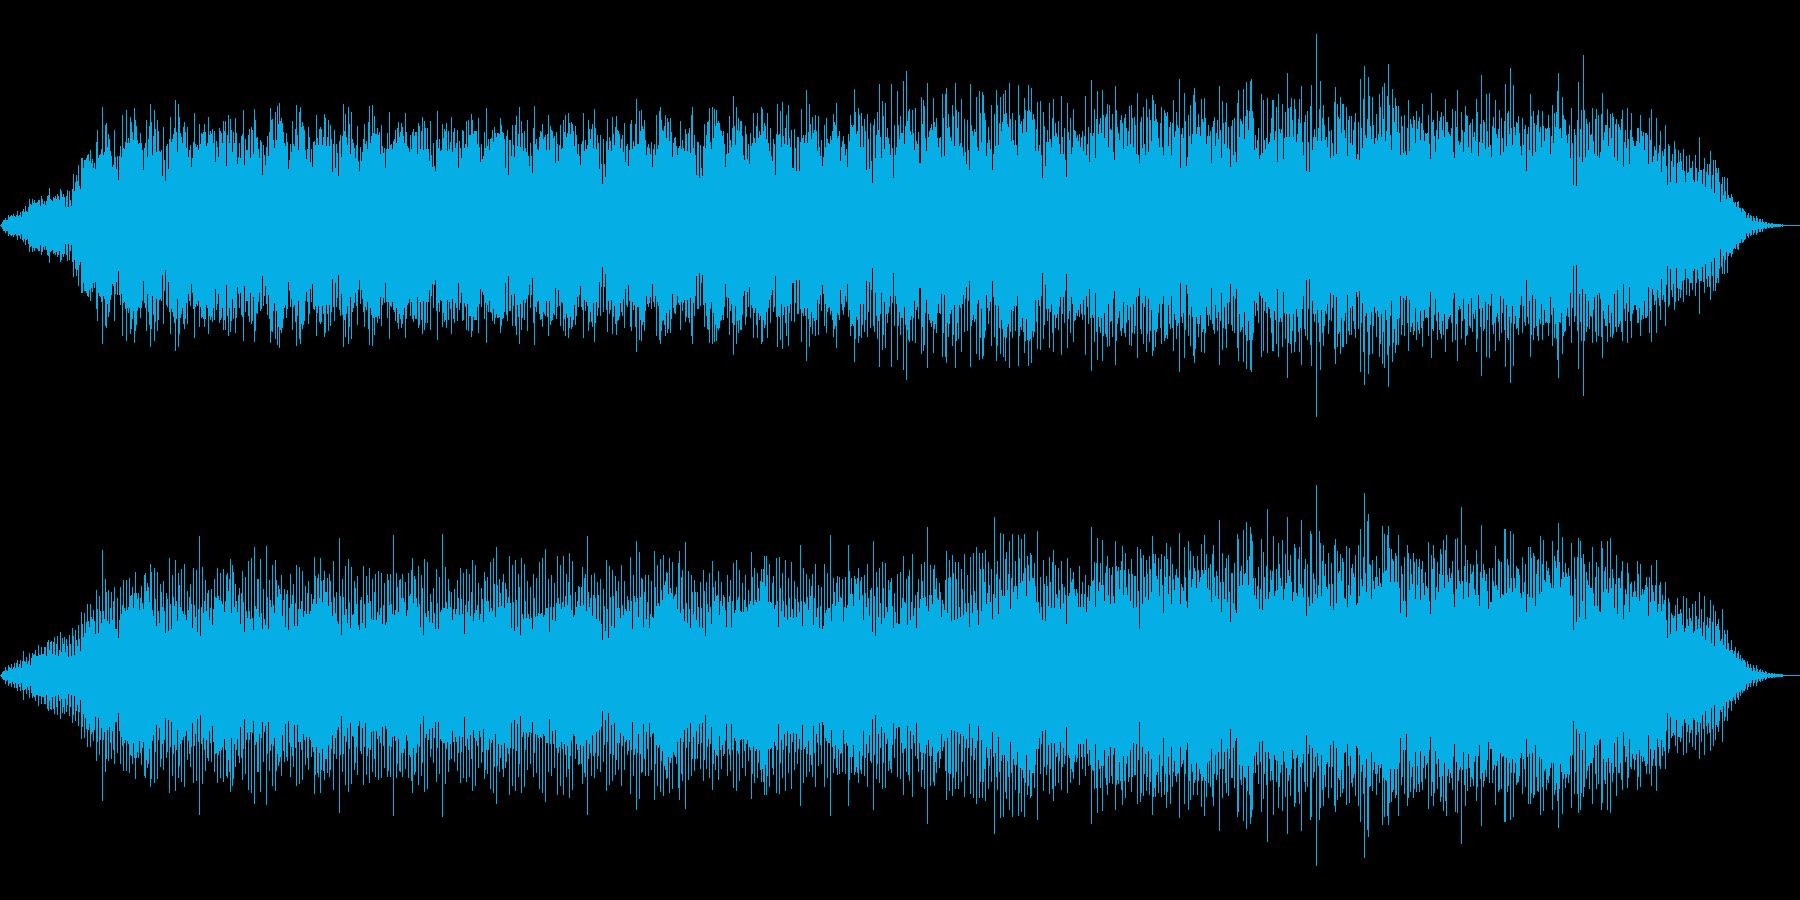 雨の時間の再生済みの波形